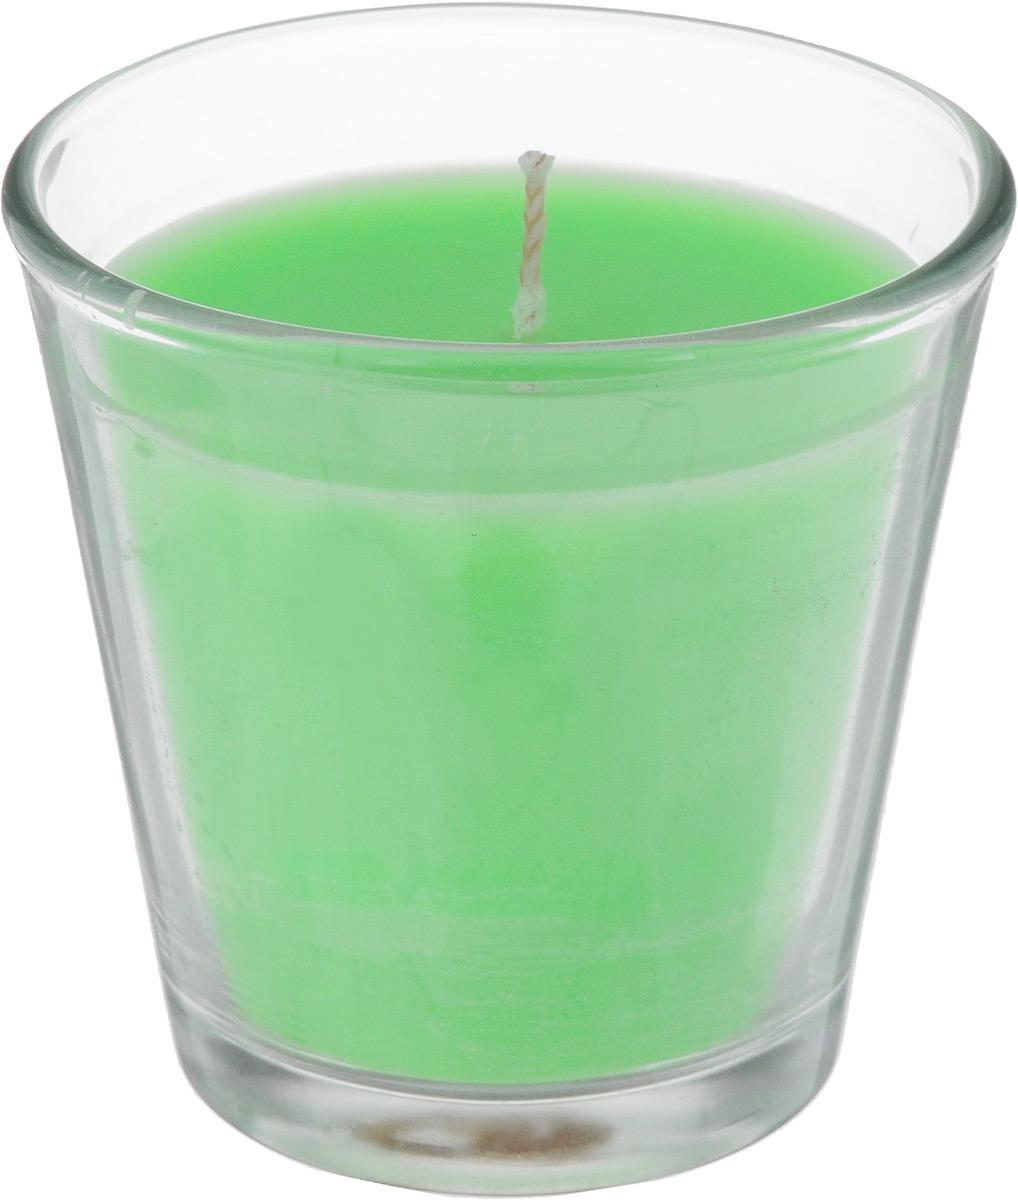 Свеча ароматическая Омский cвечной завод Яблоко, высота 6,5 см8812Ароматизированная свеча Омский cвечной завод Яблоко, изготовленная из парафина, воска и хлопка, поставляется в стеклянном подсвечнике в виде стакана. Изделие отличается оригинальным дизайном и приятным ароматом. Такая свеча может стать отличным подарком или дополнить интерьер вашей комнаты.